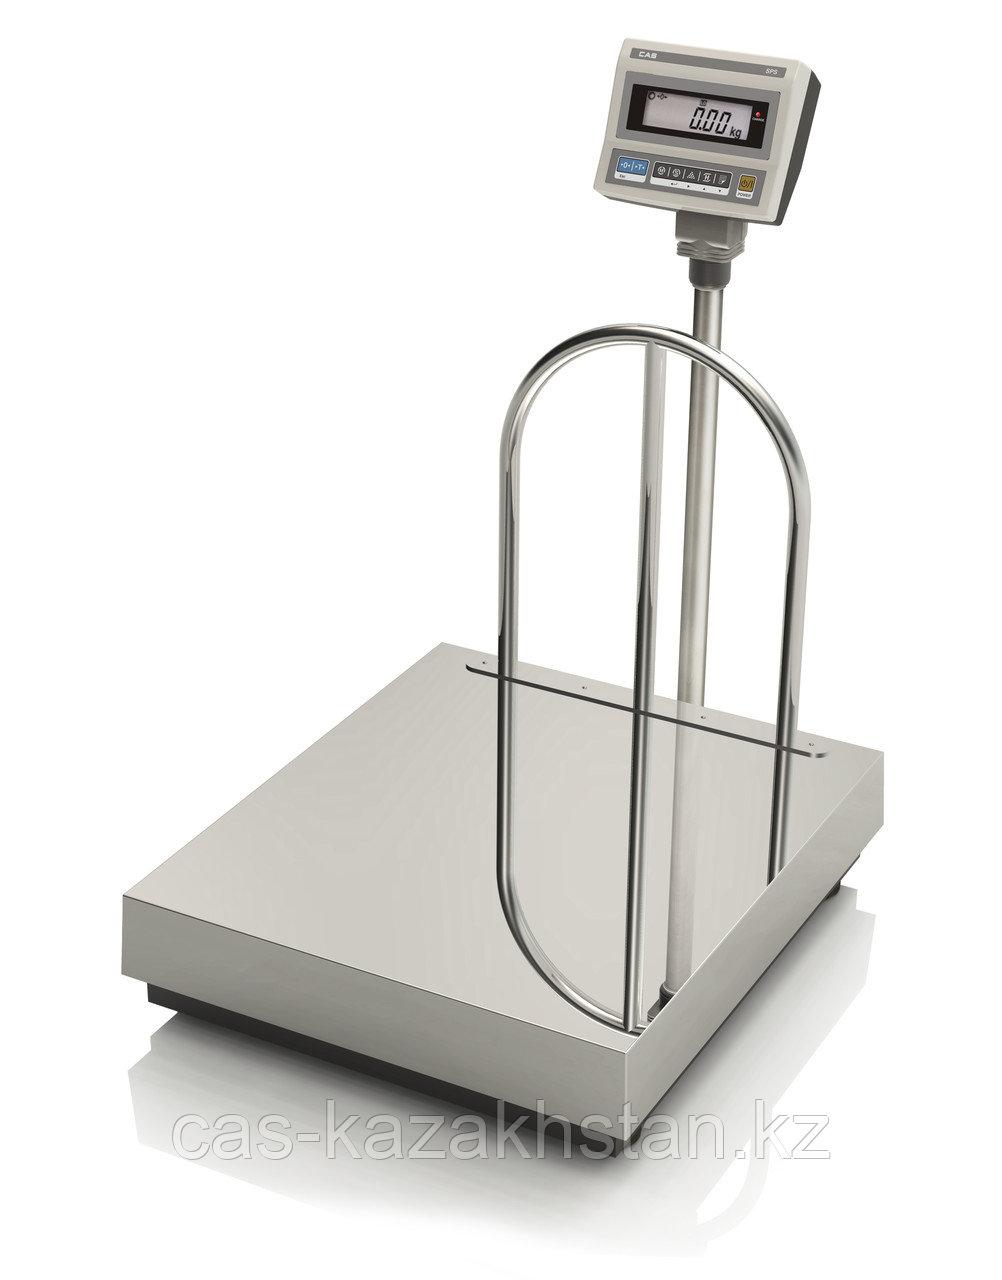 Весы напольные до 600 кг DBII 600 (70x80)